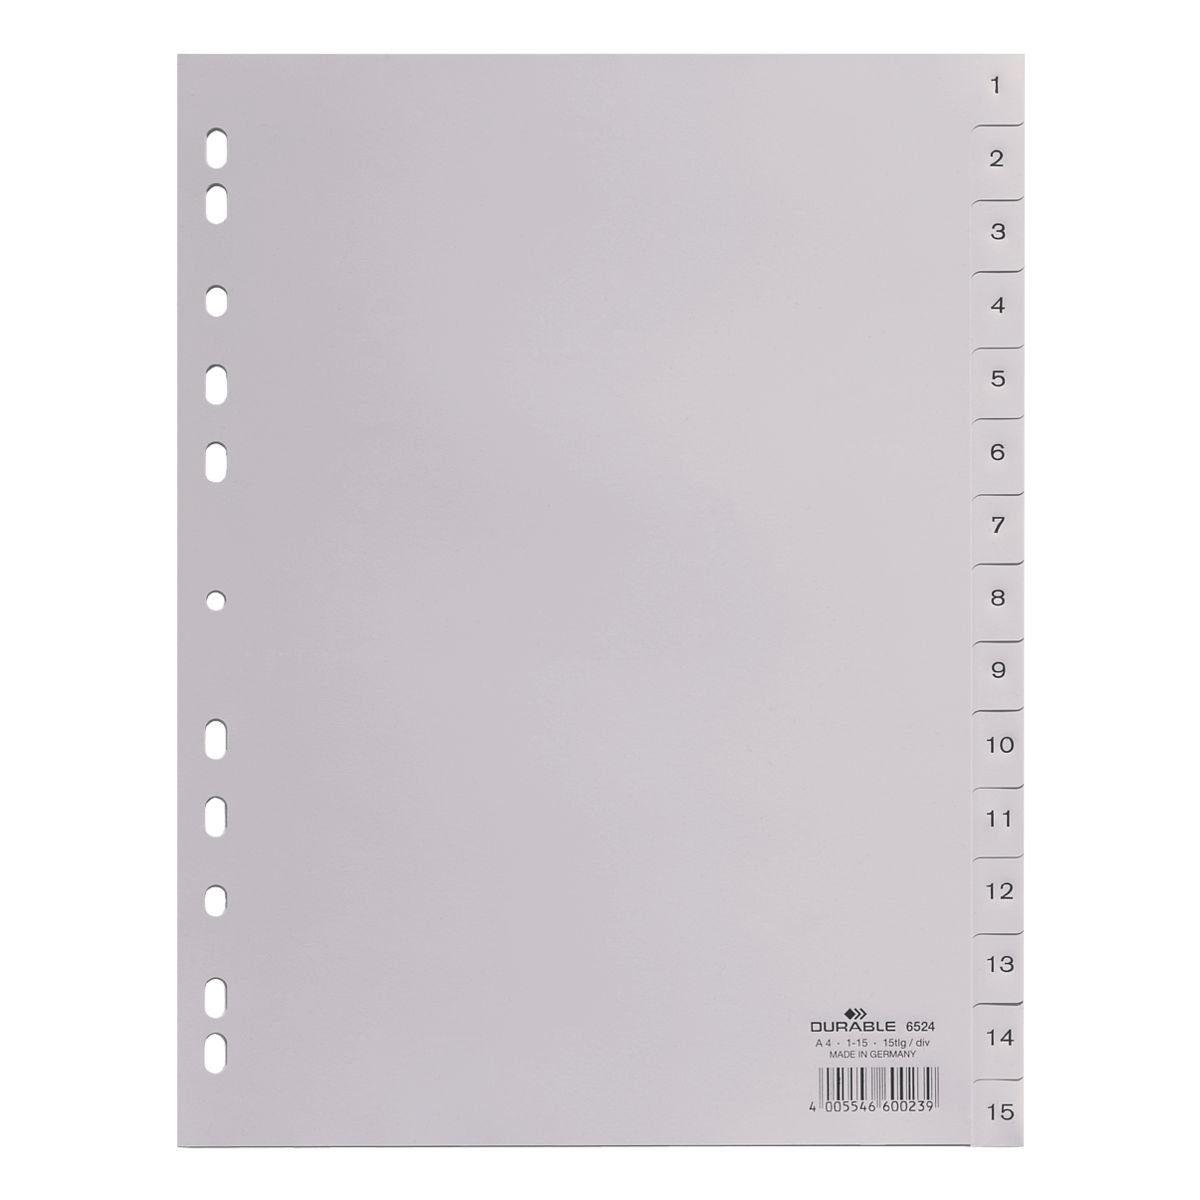 DURABLE Kunststoffregister 1-15 A4